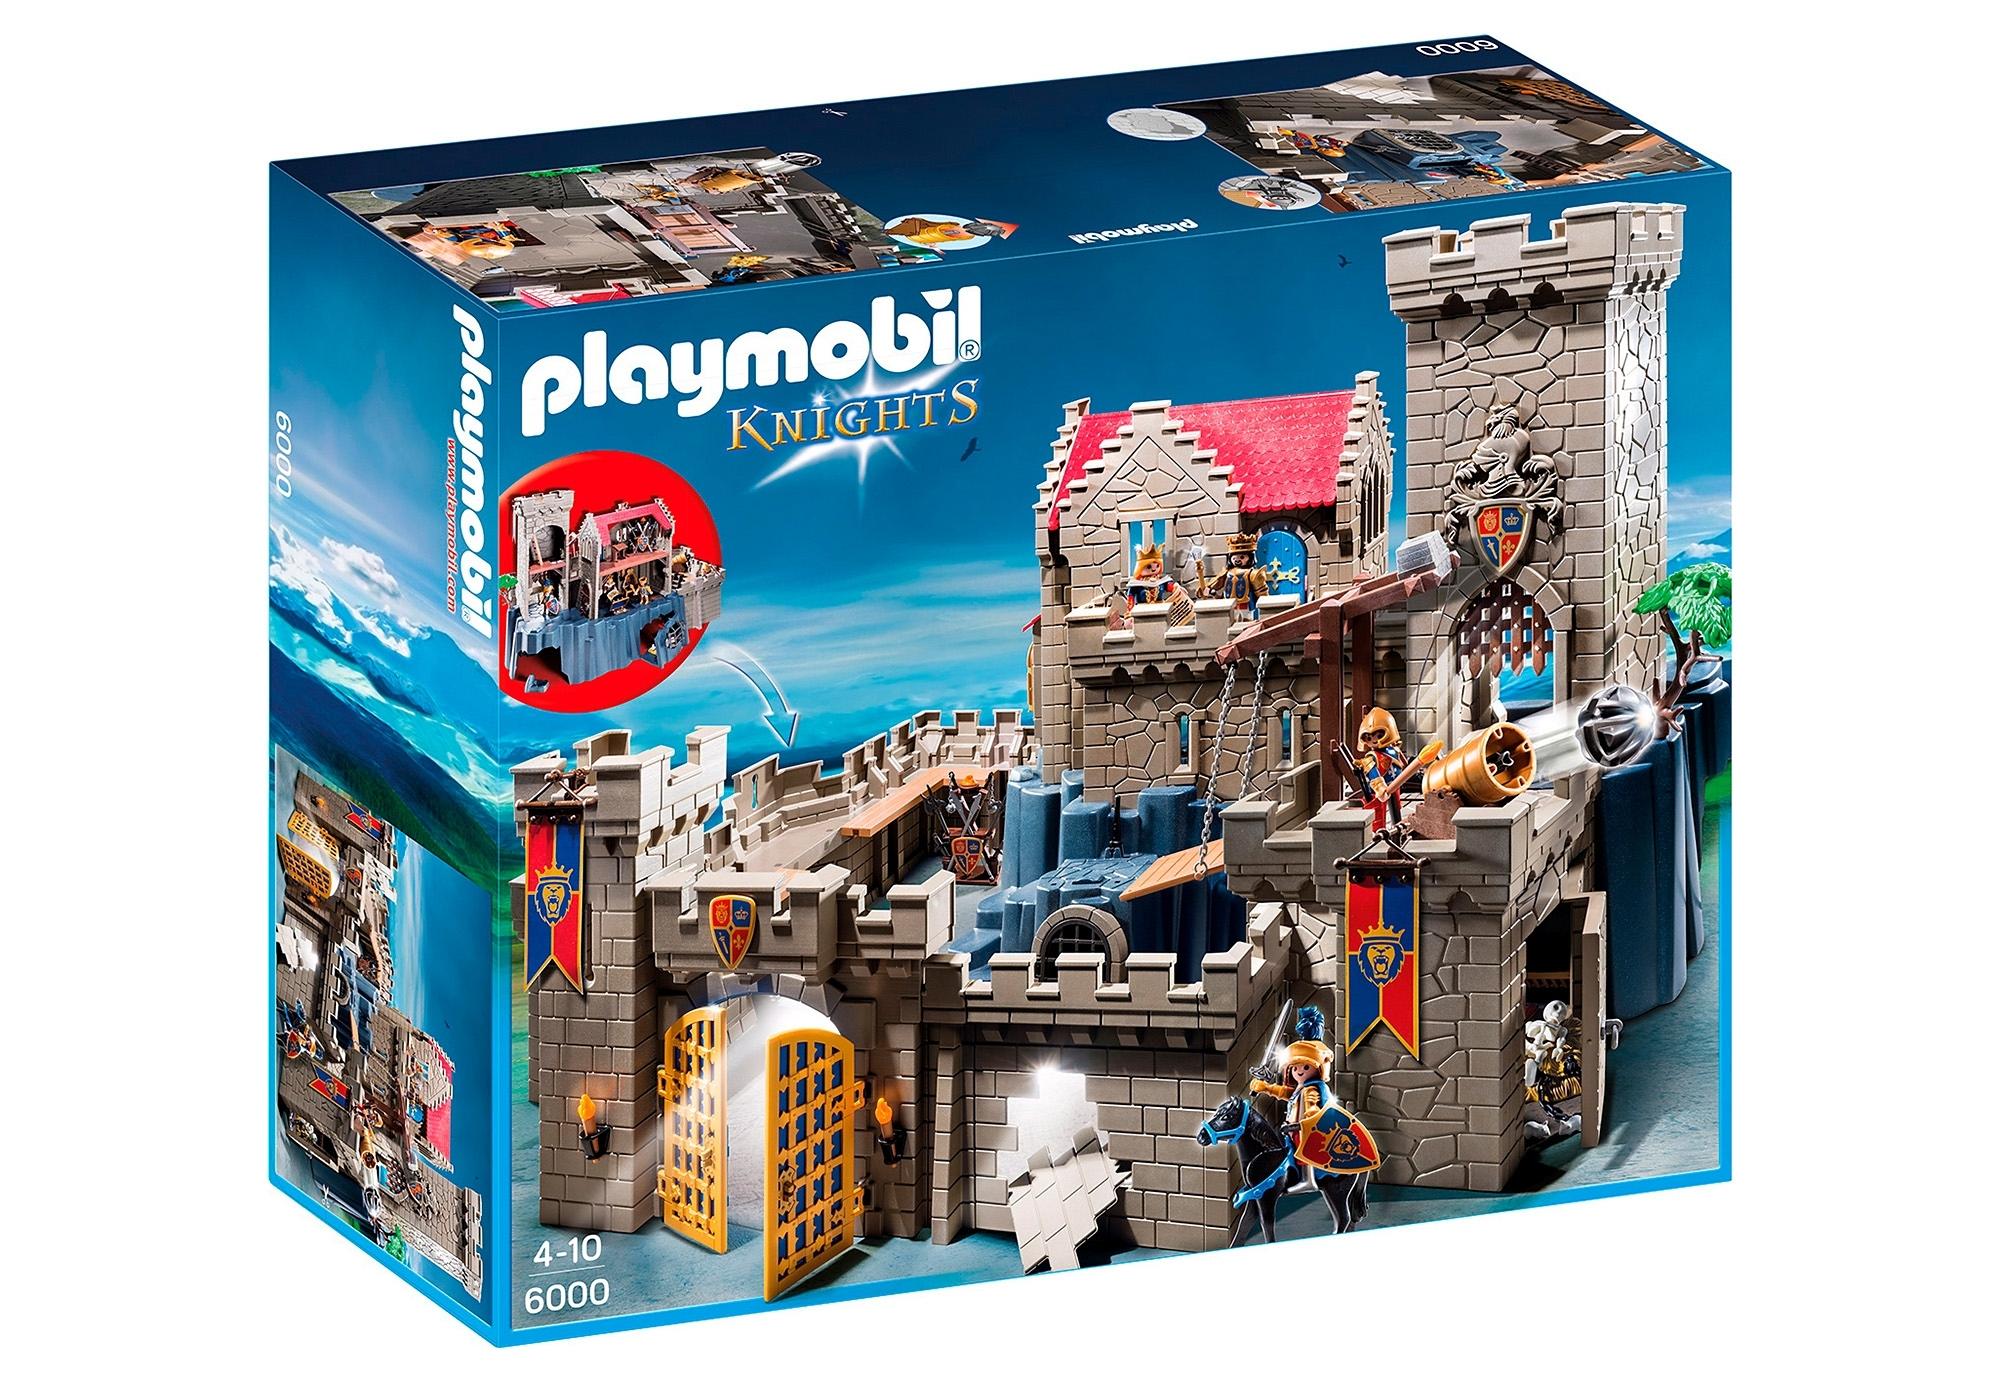 playmobil Koningskasteel Leeuwenridders 6000 bij OTTO online kopen